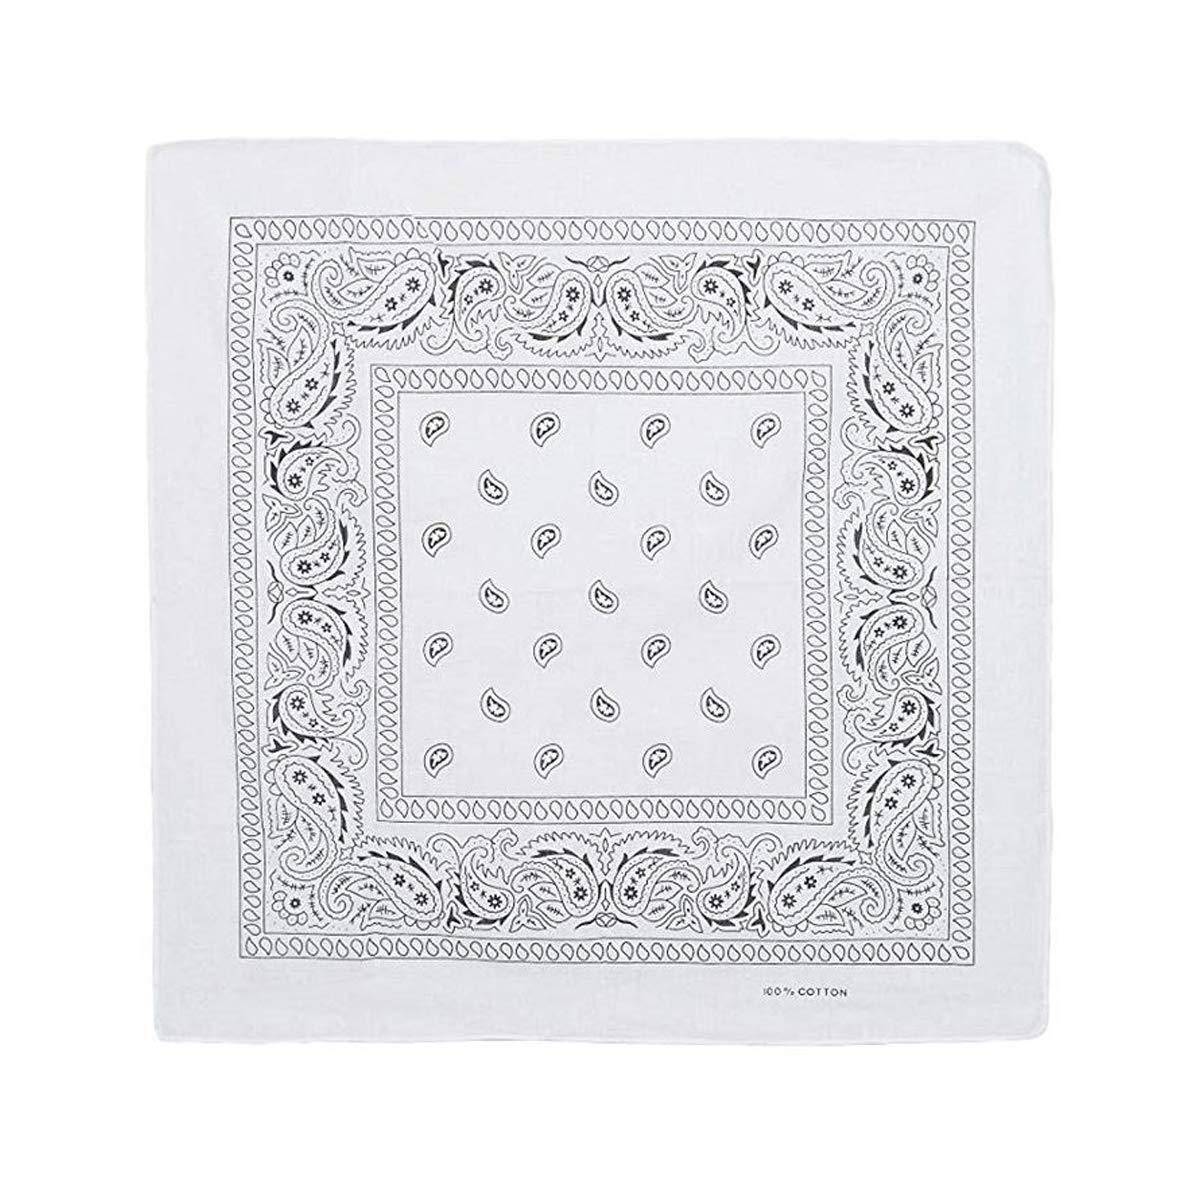 Set di Tre fazzoletti Bandana in Cotone Microfibra per Testa o Collo Fazzoletto Unisex per Uomo e Donna Cisne 2013 Colore: Rosso S.L Nero e Bianco. Dimensioni: Circa 55 x 55 cm